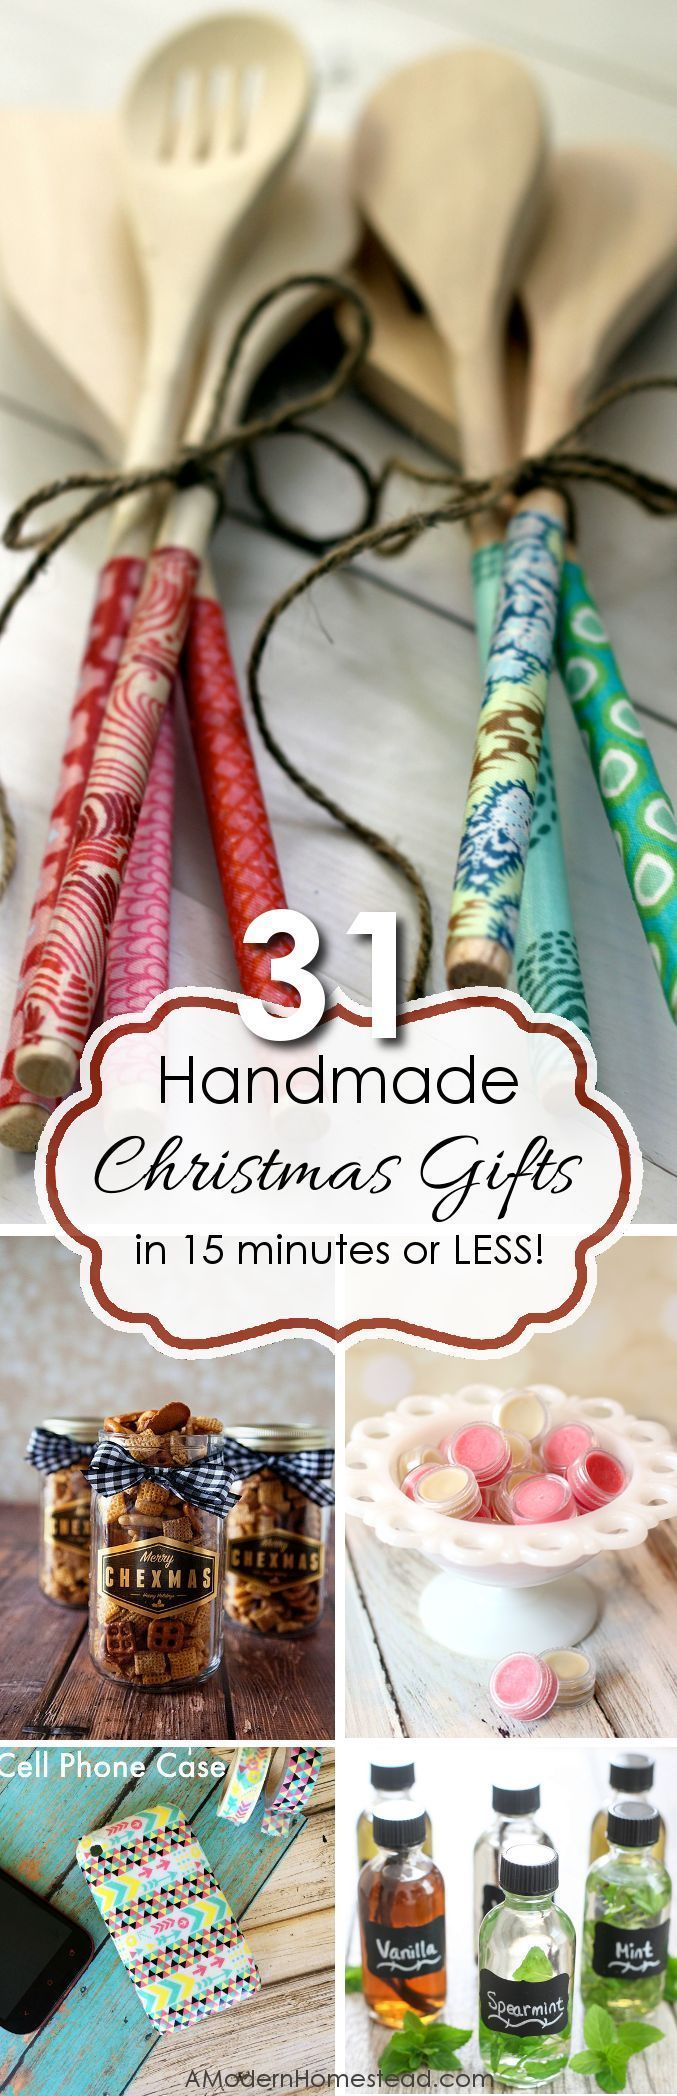 Handgemachte Geschenke sind ein wunderbarer Weg, um dich zu zeigen ...